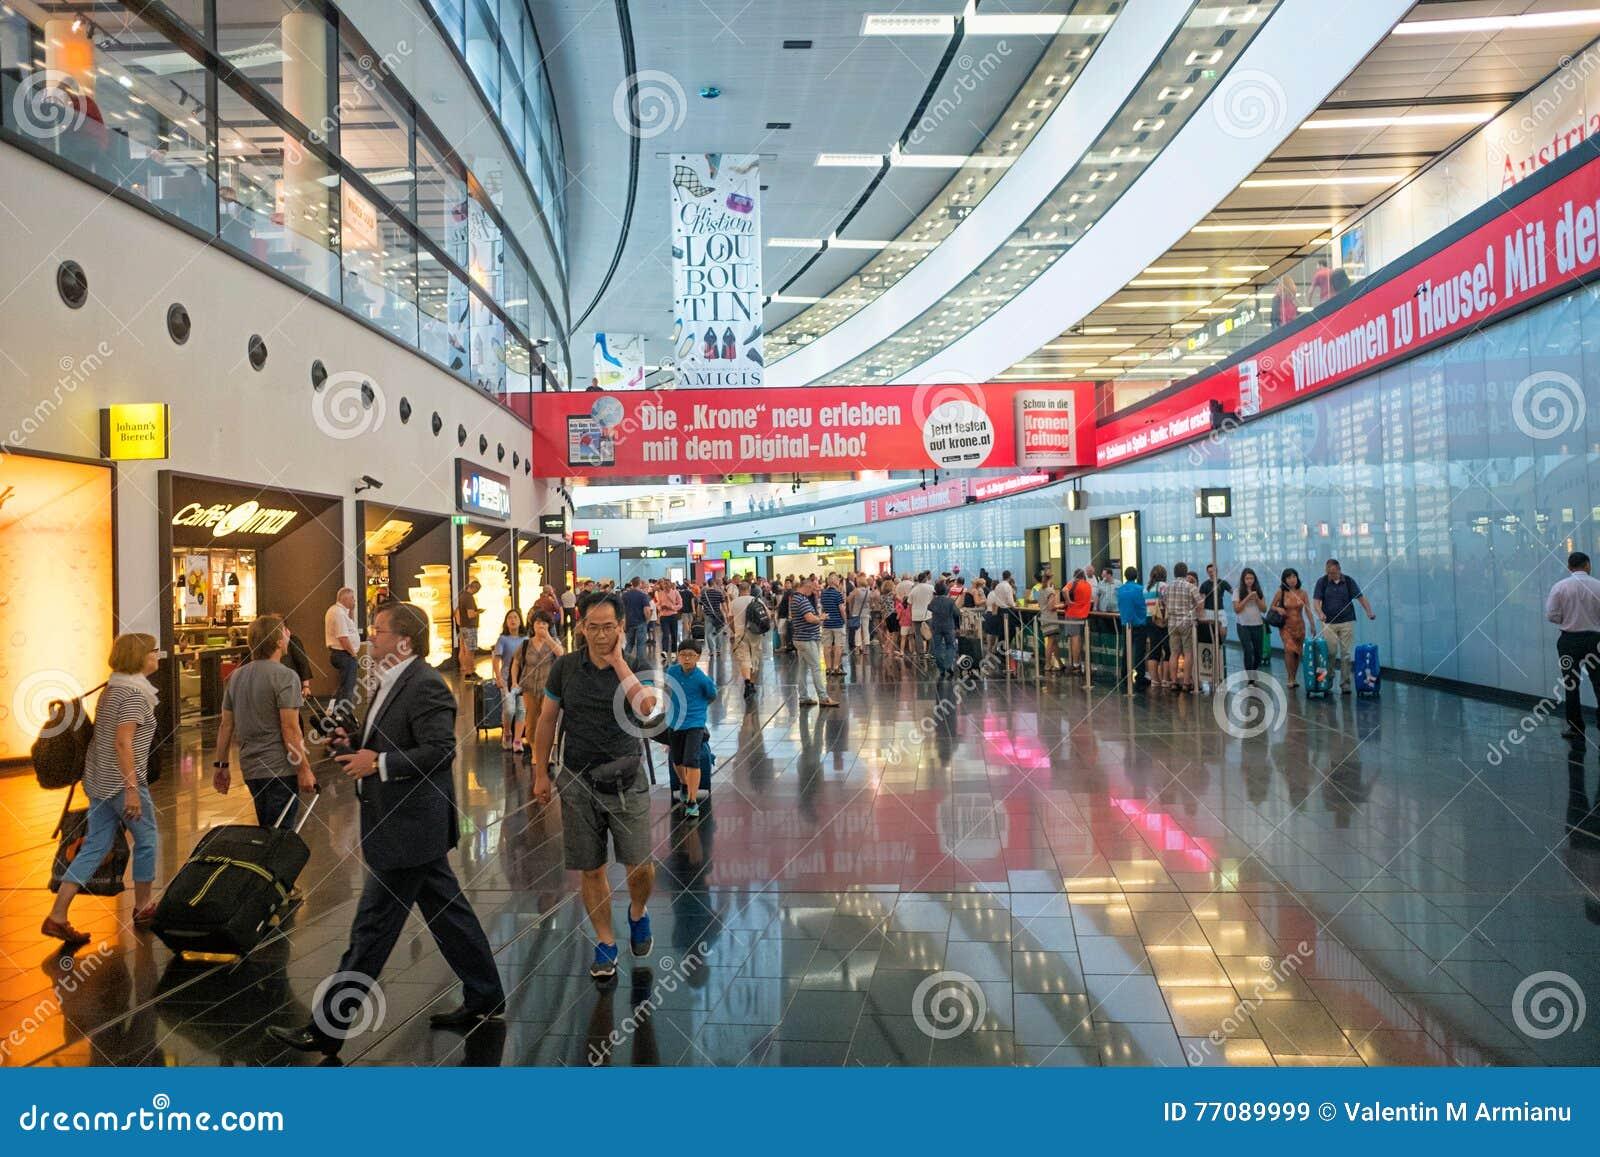 维也纳机场